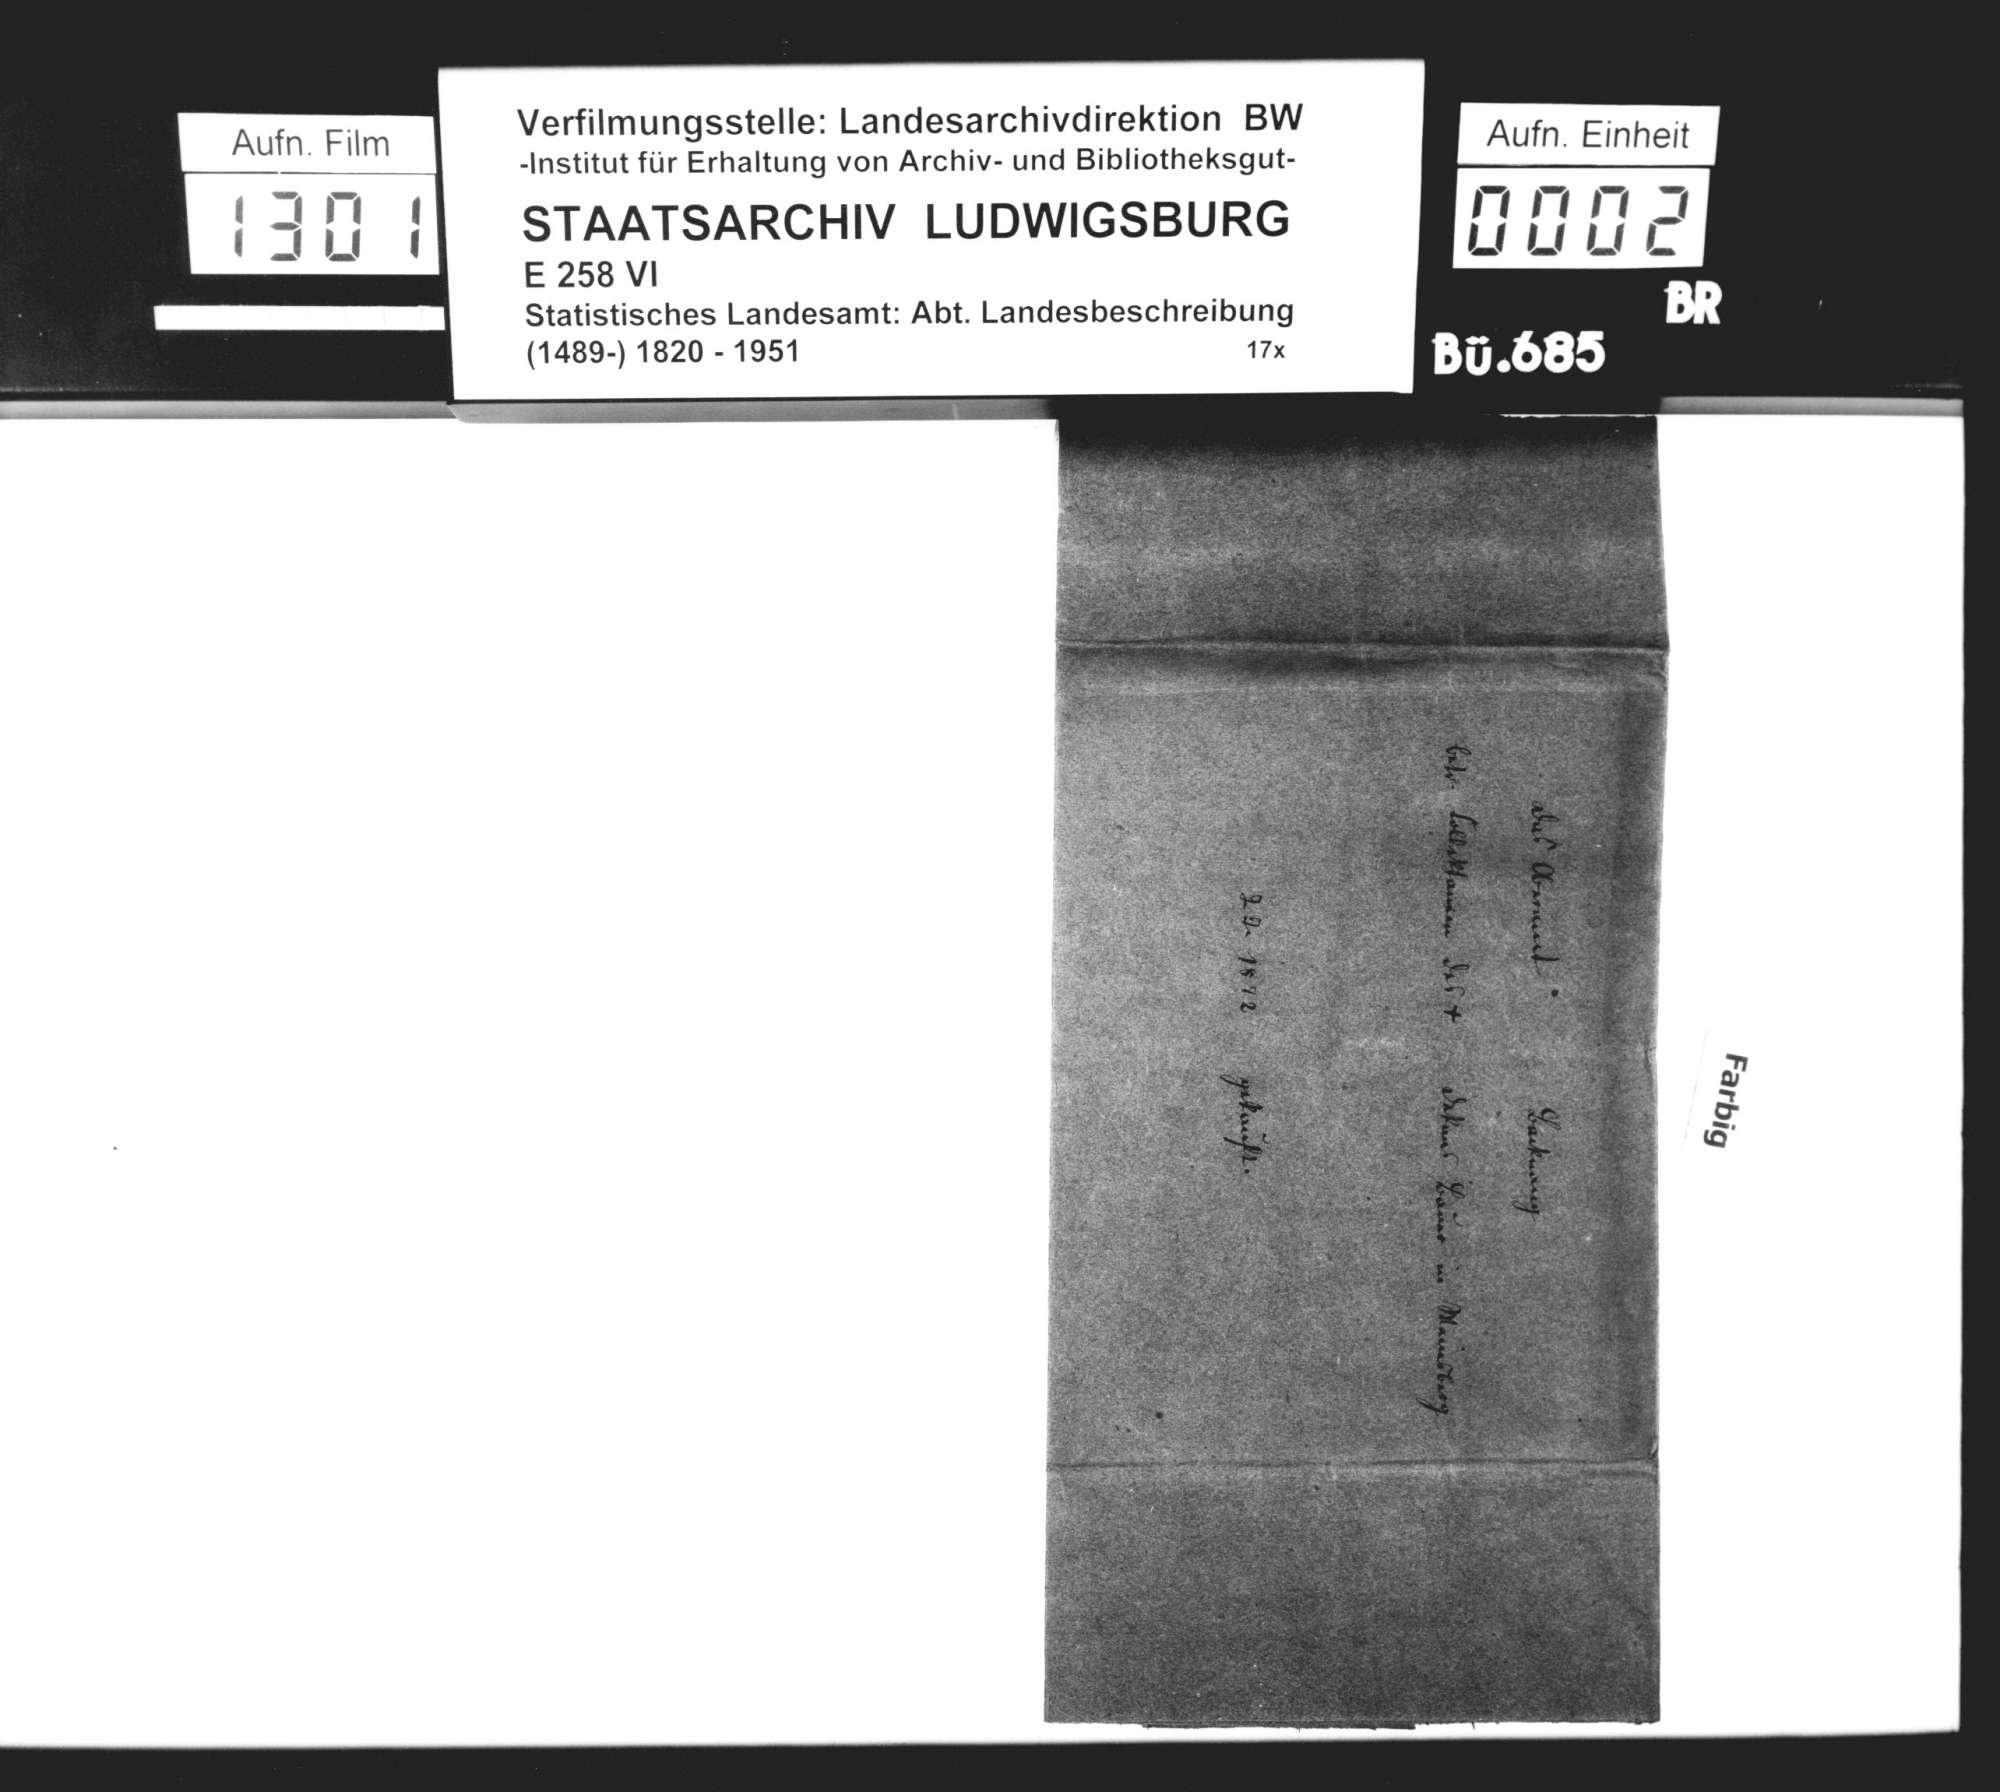 Kollektaneen des Dekans [Hermann] Bauer aus Weinsberg zur mittelalterlichen Besitz- und Herrschaftsgeschichte im Oberamtsbezirk, Bild 1